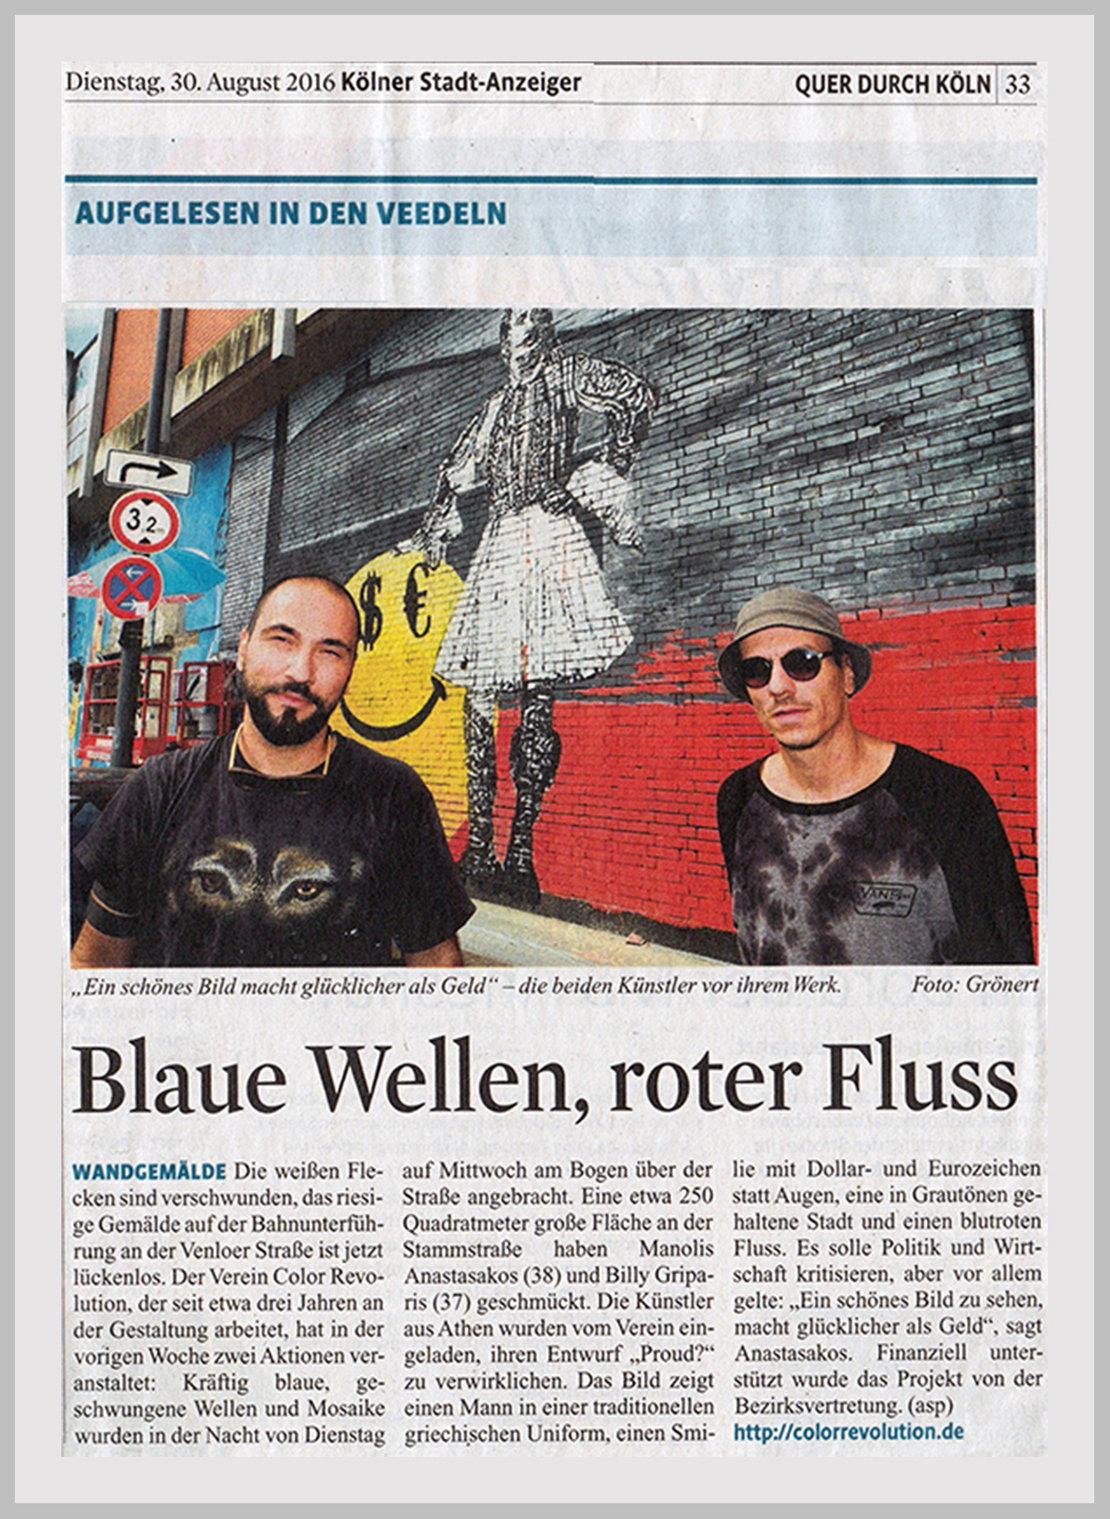 kölner stadt anzeiger newspaper Germany Aug 2016